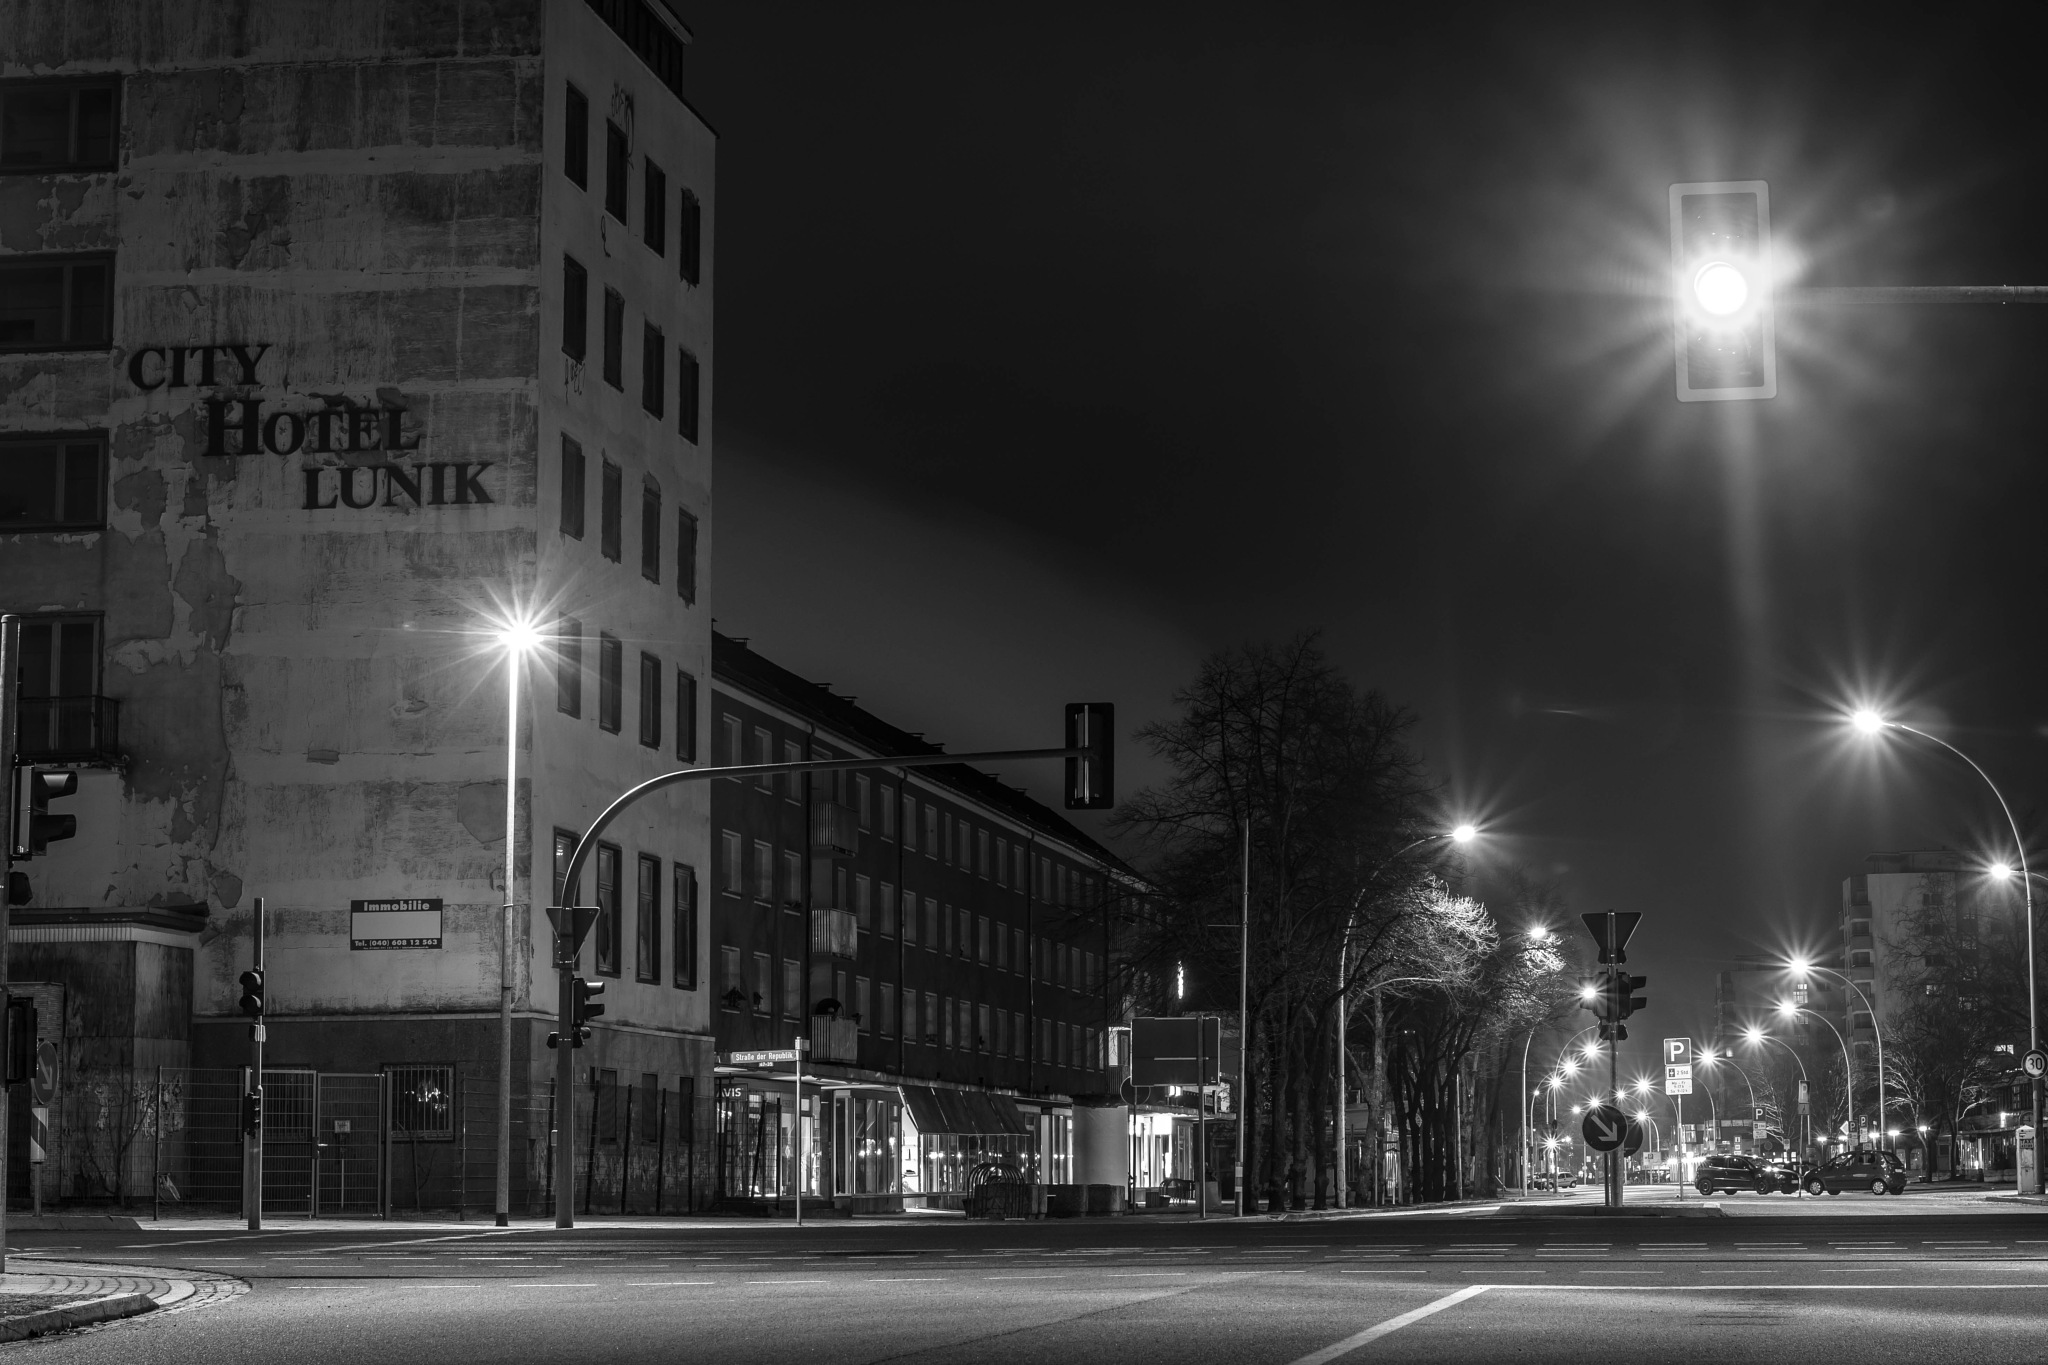 verlassenenes Hotel bei Nacht by Nico Karl Döhne